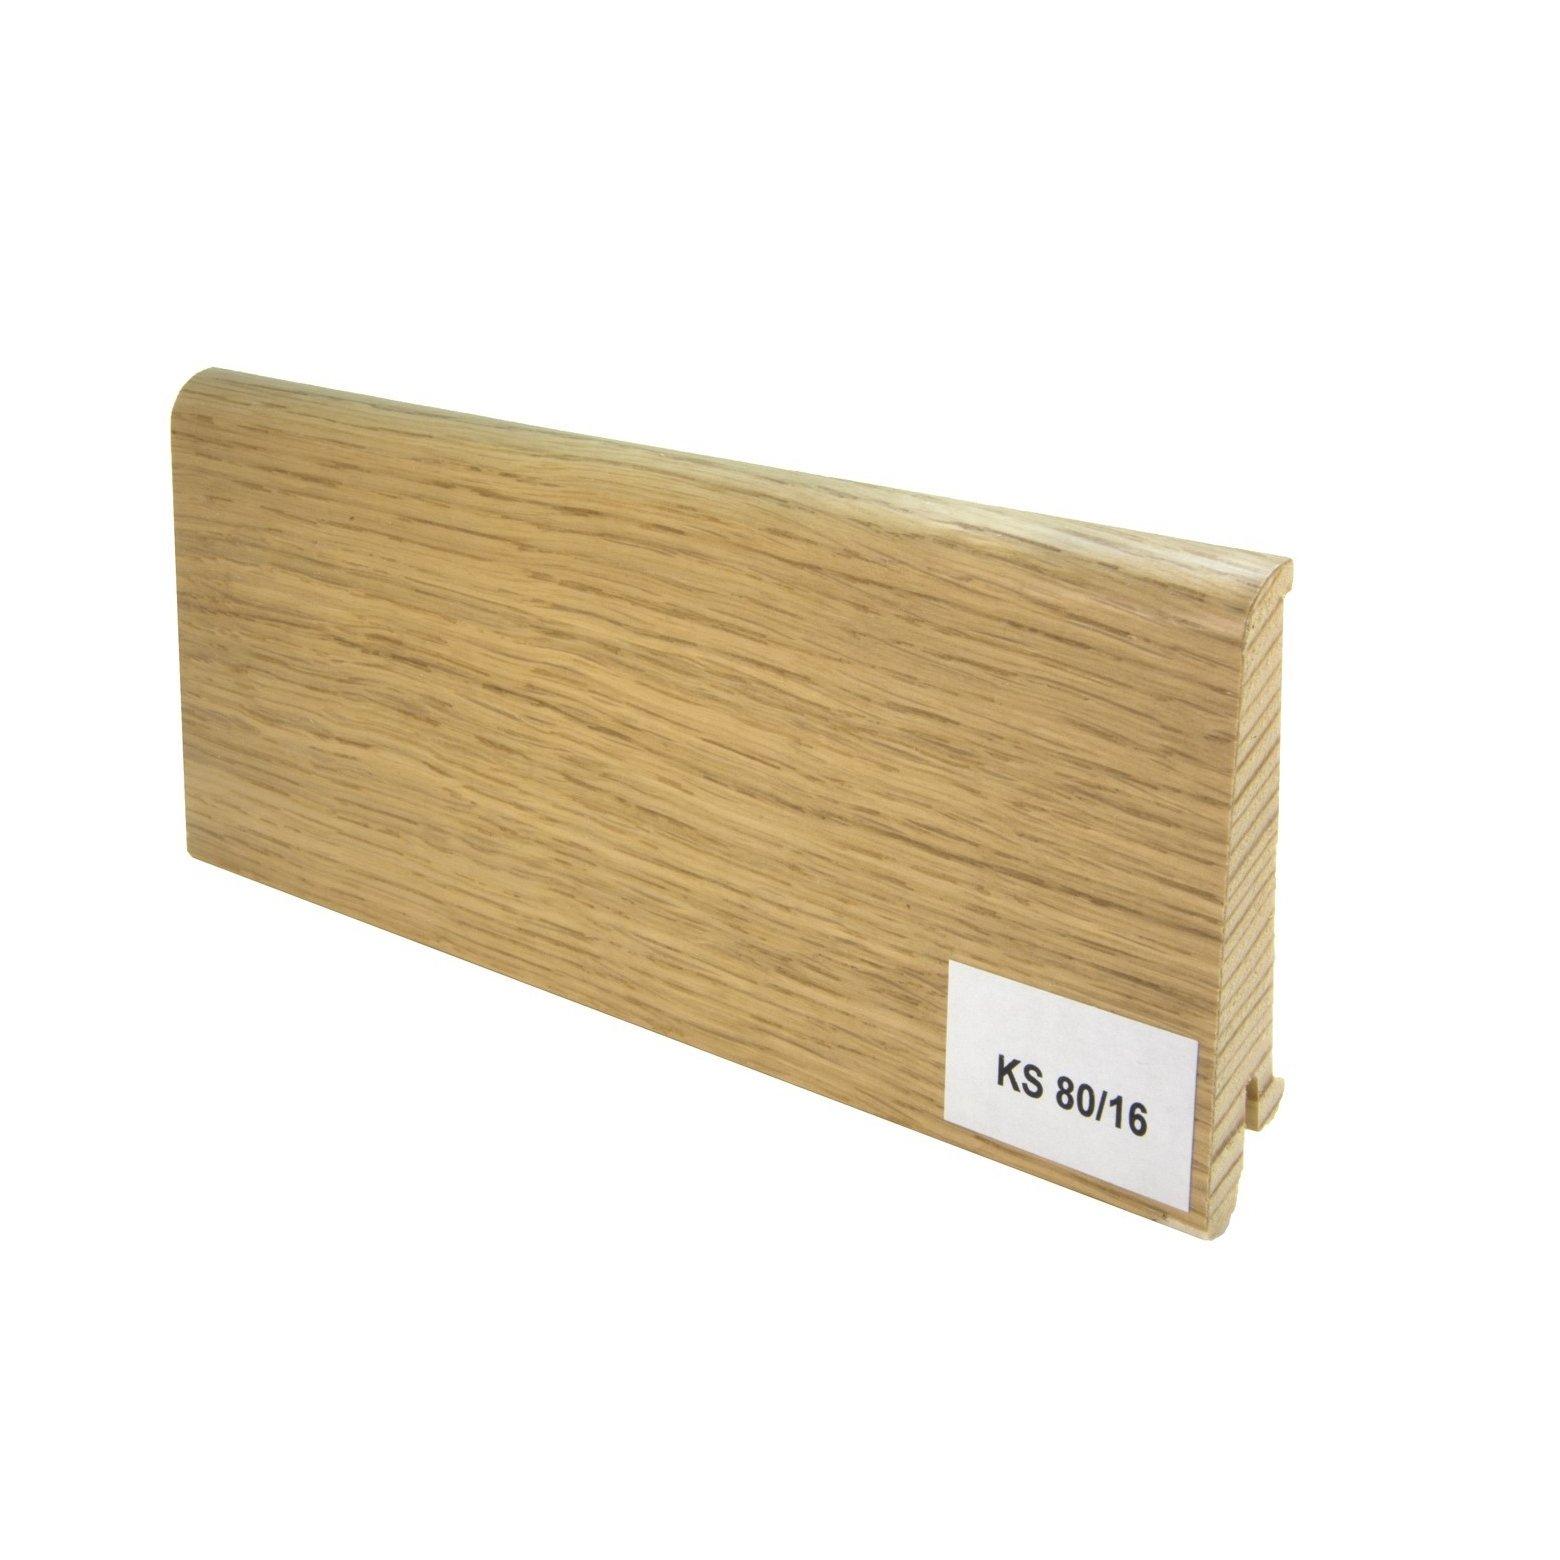 Listwy drewniane dębowe (80/16 mm) Dąb europejski lakierowana